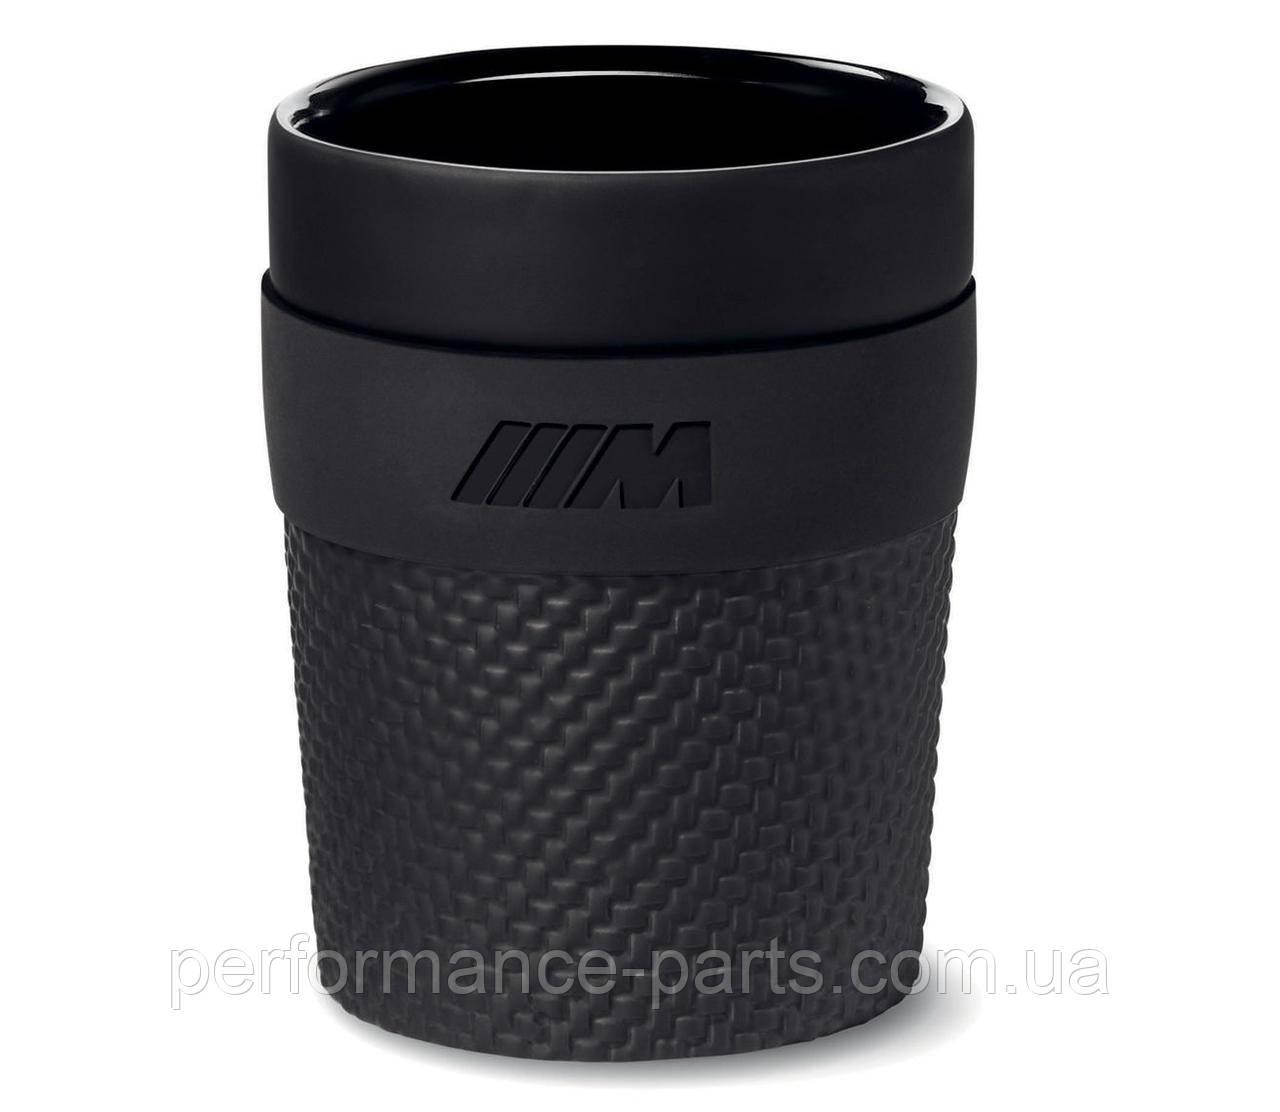 Кружка, чашка BMW M Cup, 80232454743. Оригинал. Черного цвета.